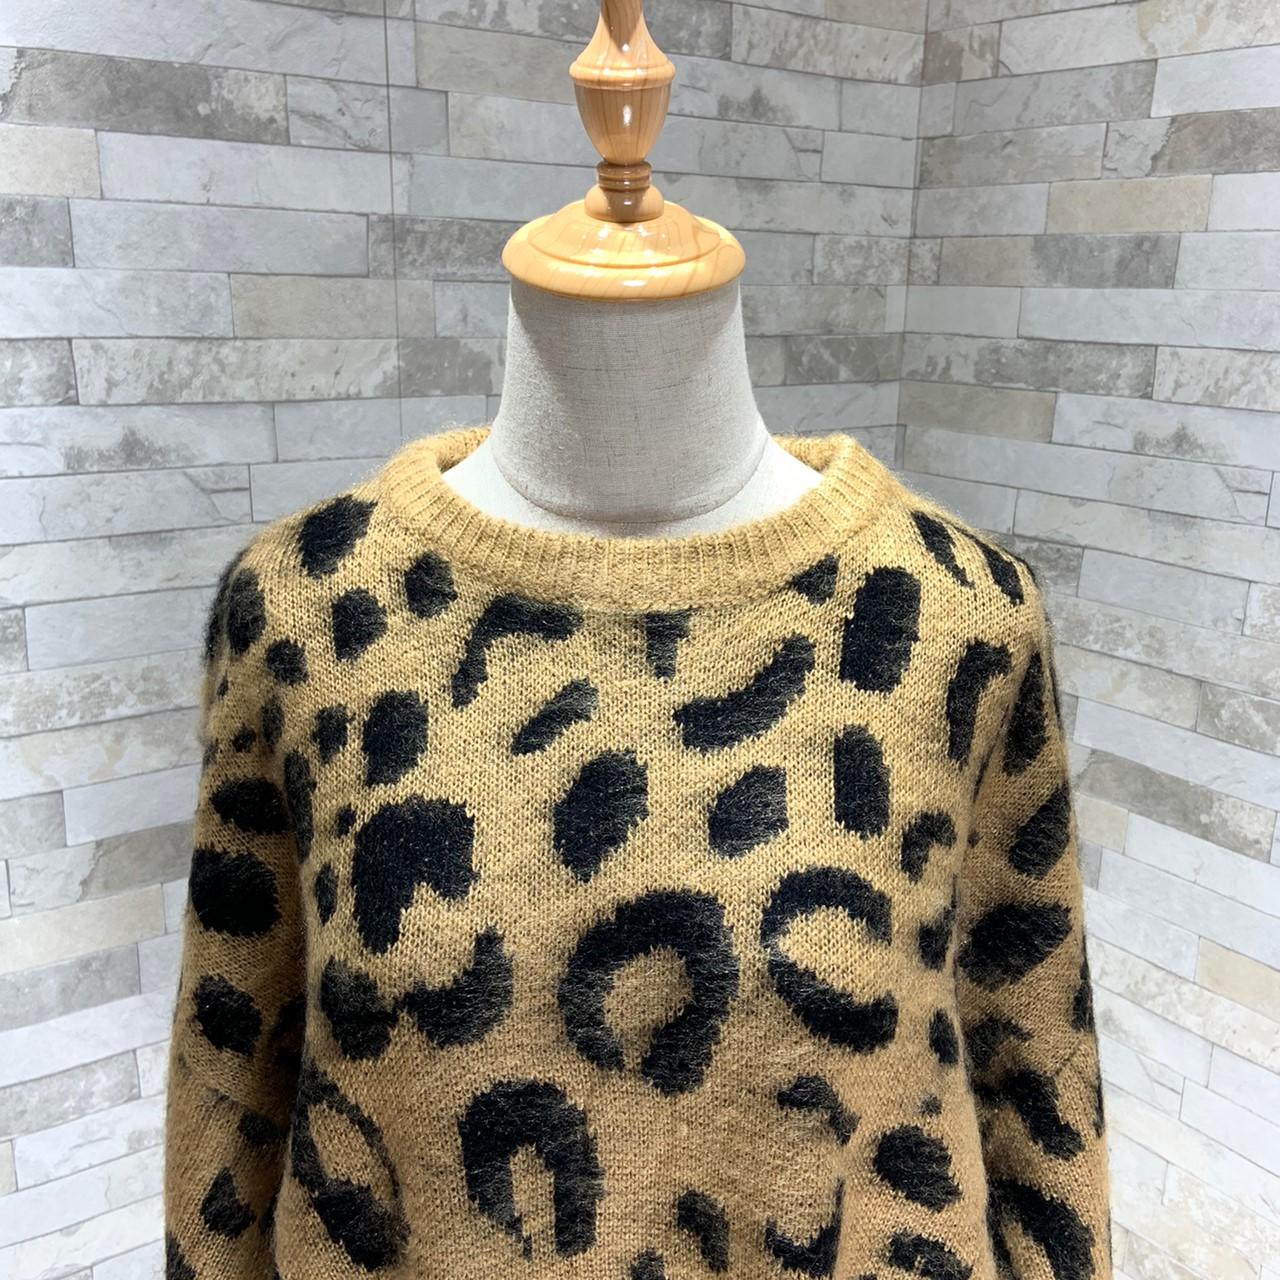 韓国 ファッション トップス ニット セーター 秋 冬 カジュアル PTXG571  ふわふわ 起毛 ビッグシルエット スウェット オルチャン シンプル 定番 セレカジの写真6枚目